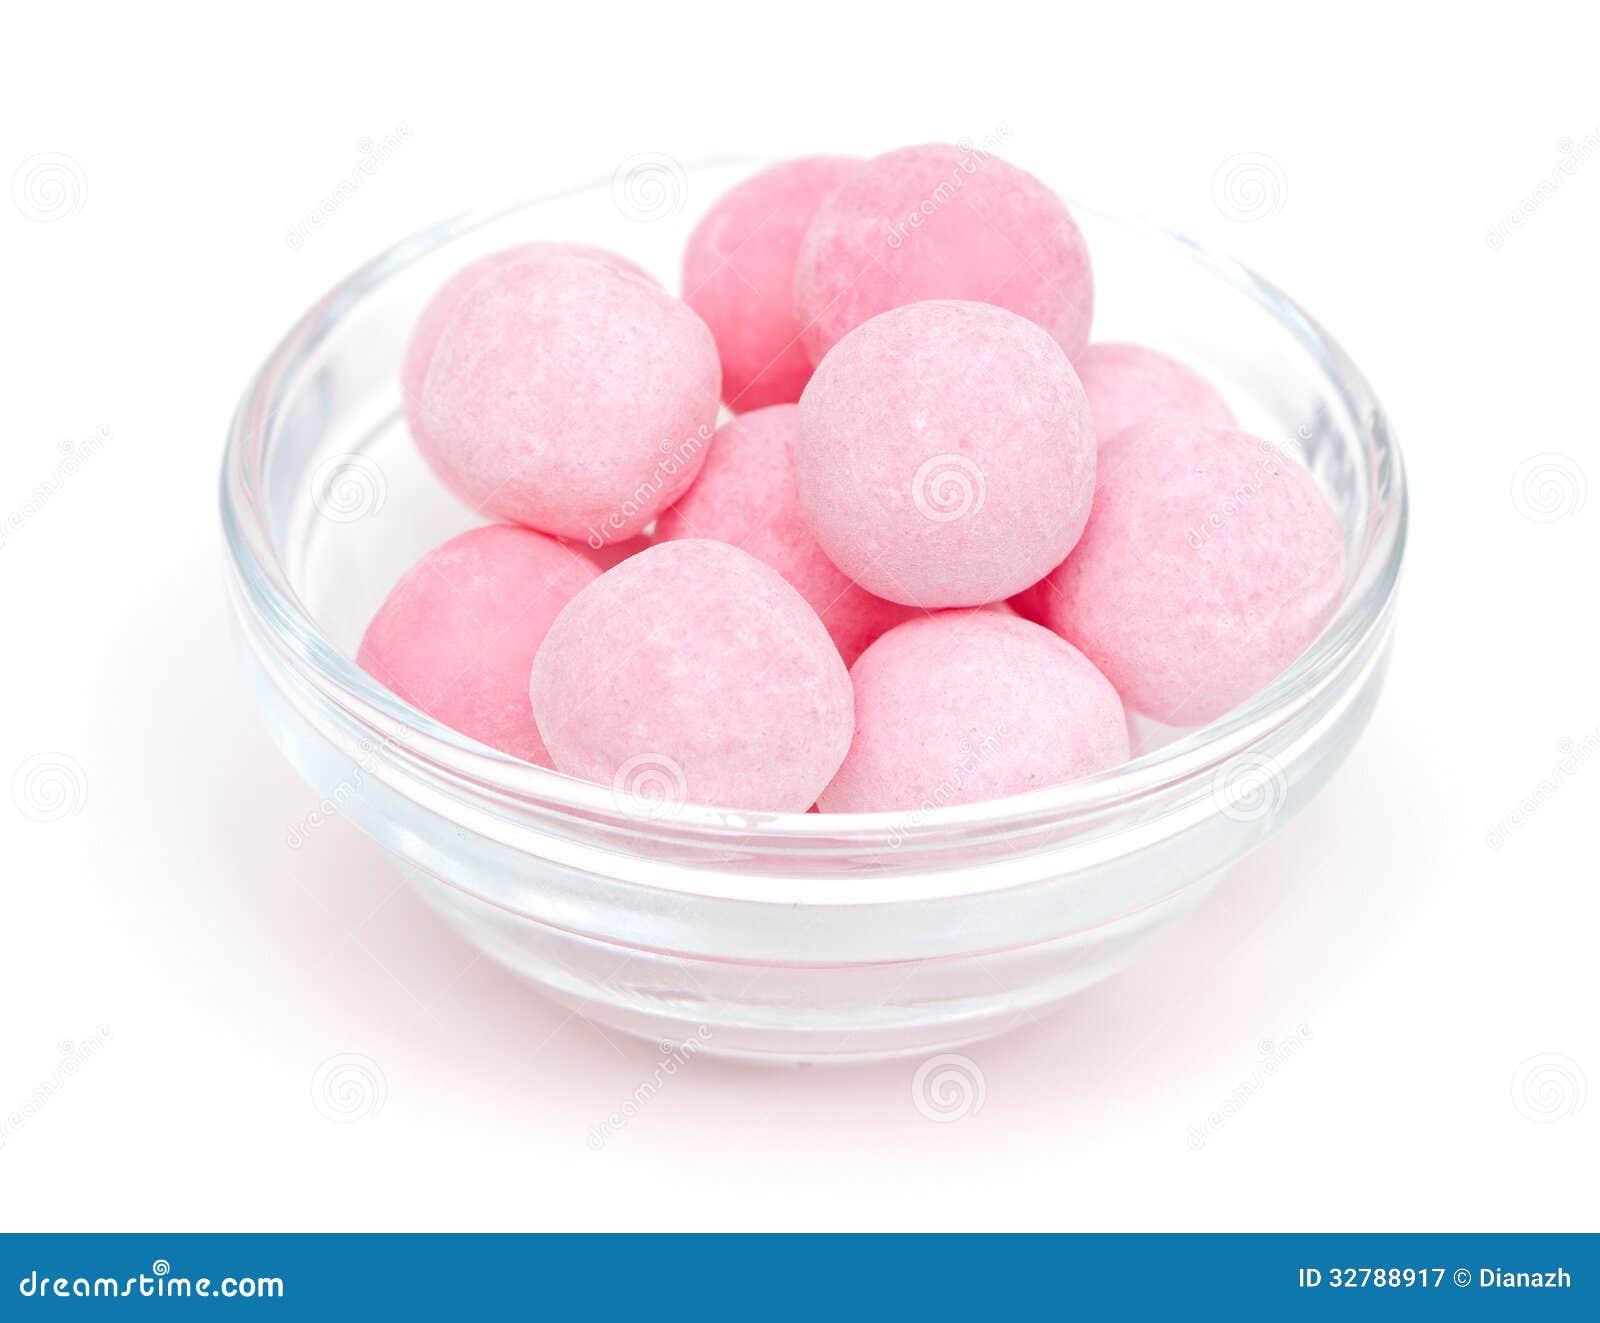 Caramelos rosados en un bol de vidrio fotograf a de - Bol de vidrio ...